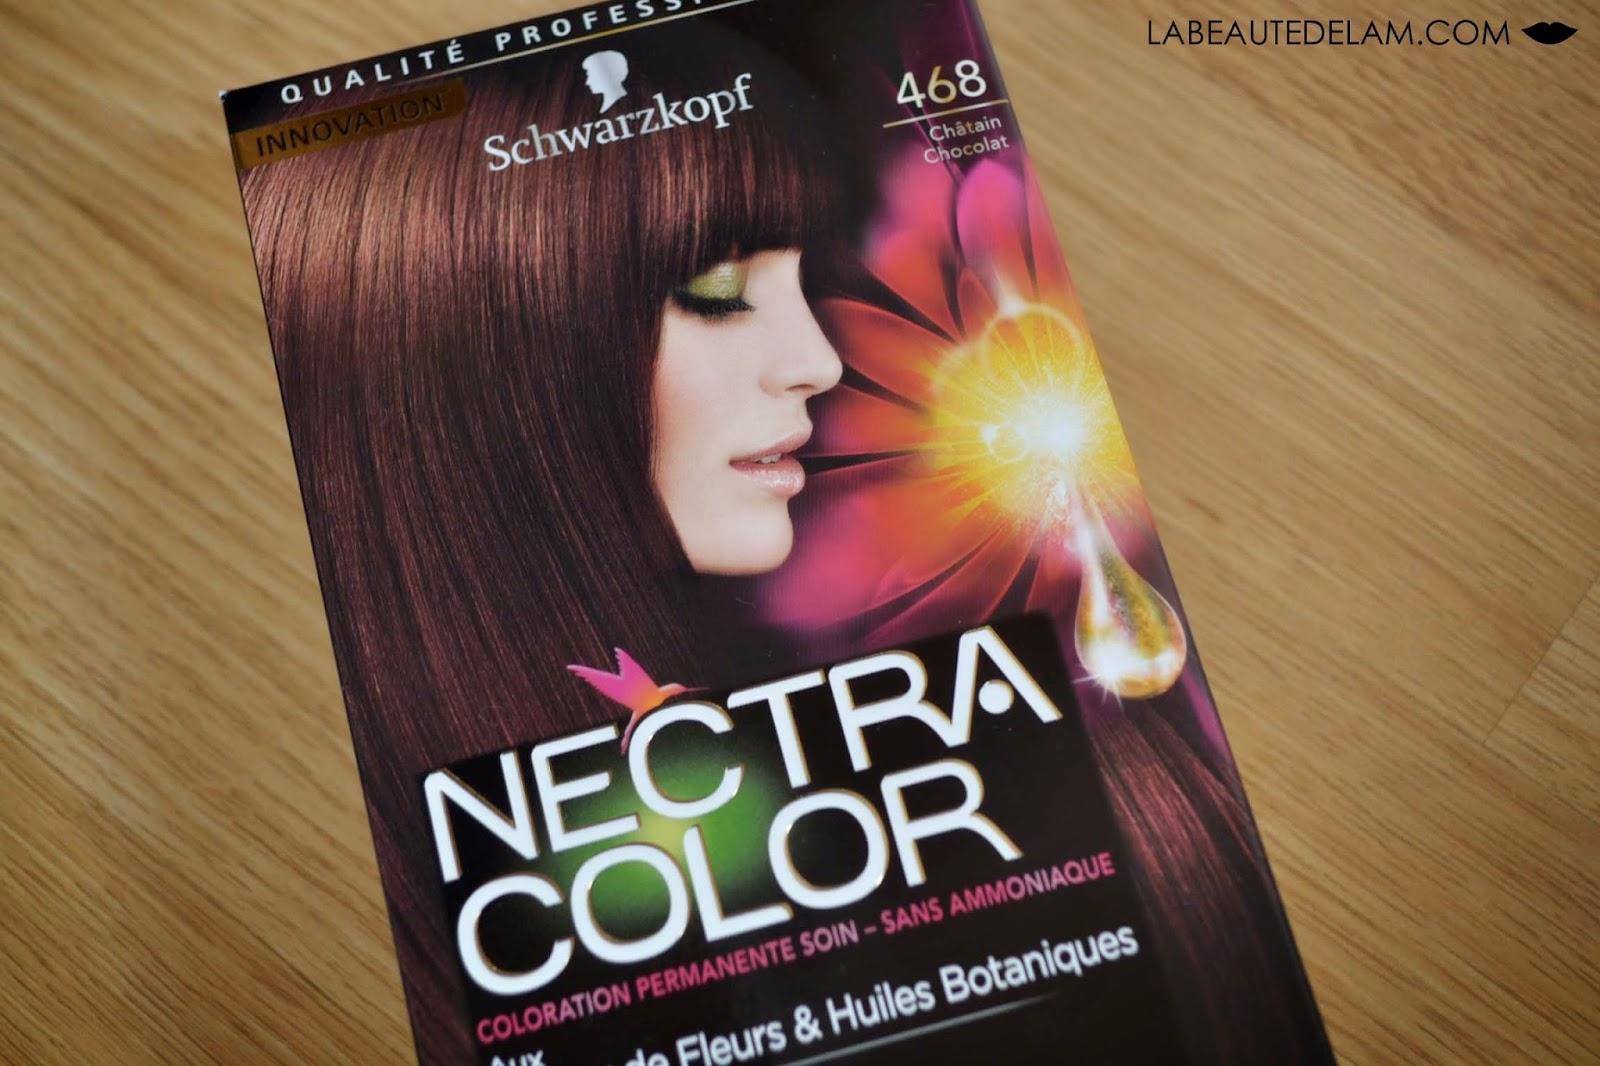 nectra color la coloration permanente soin aux nectar de fleurs huiles botaniques nectra color est une coloration sans ammoniaque - Coloration Sans Ammoniaque Schwarzkopf